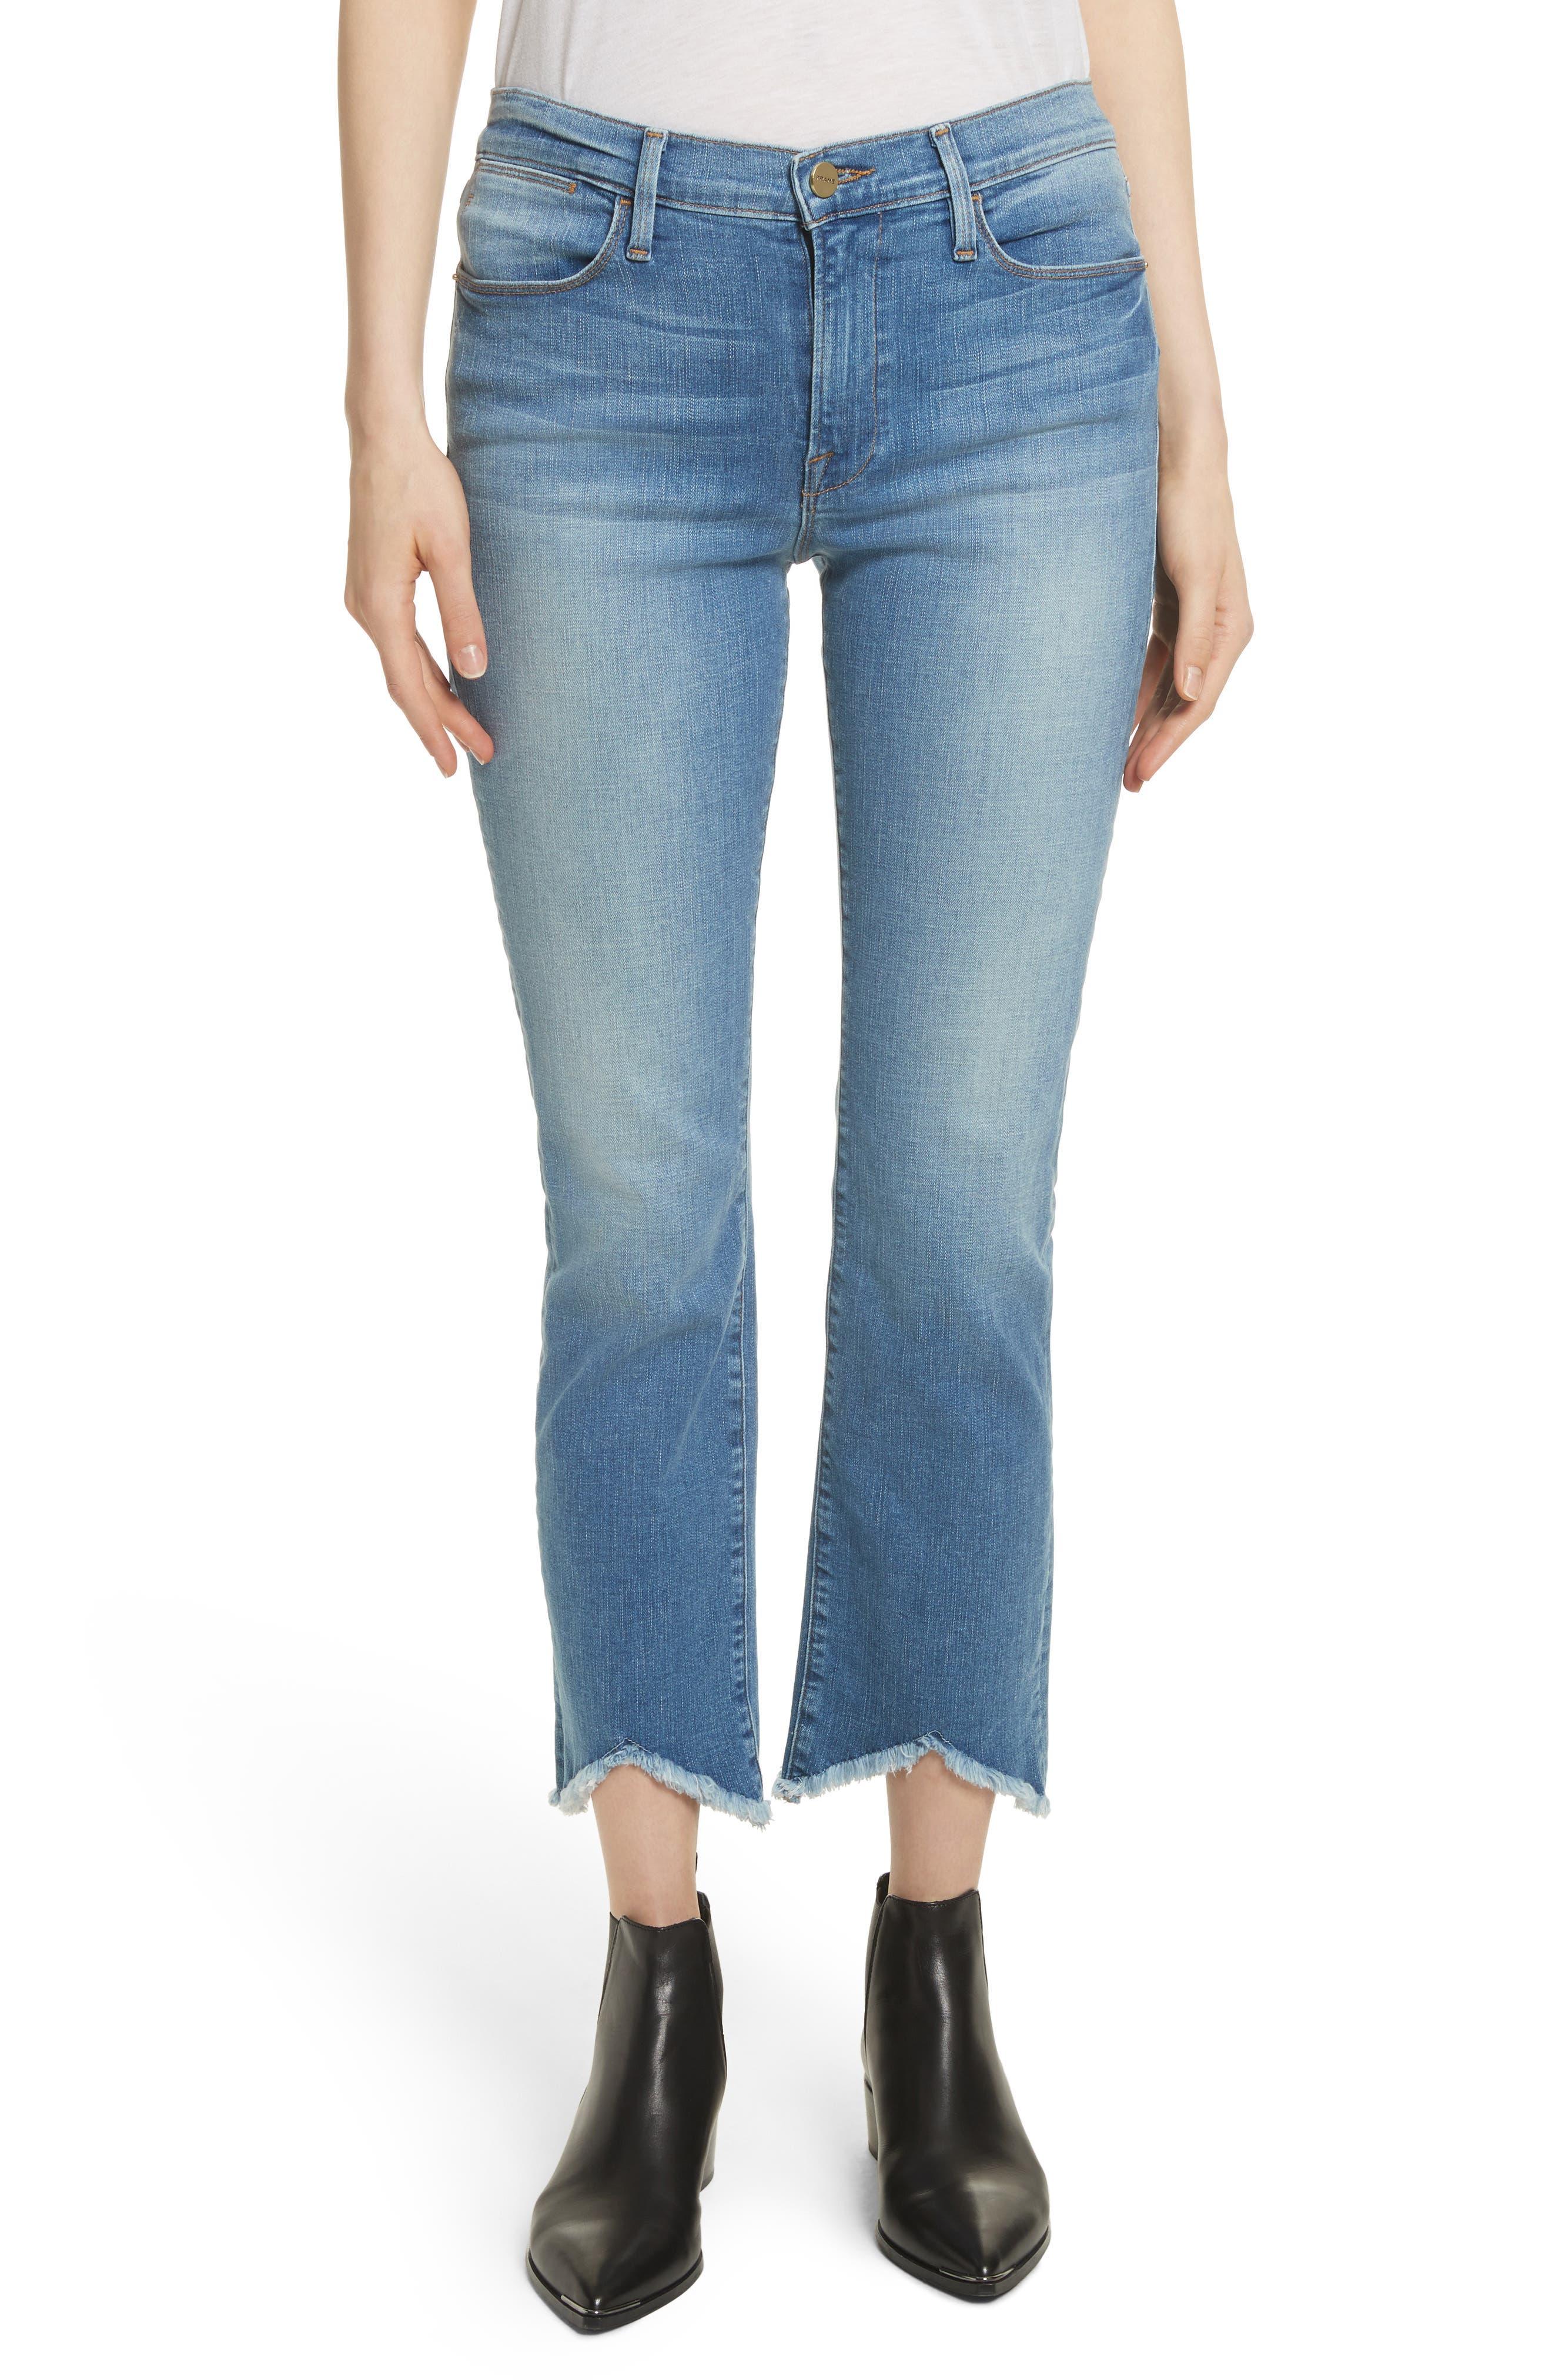 Le High Straight High Waist Triangle Hem Jeans,                             Main thumbnail 1, color,                             450